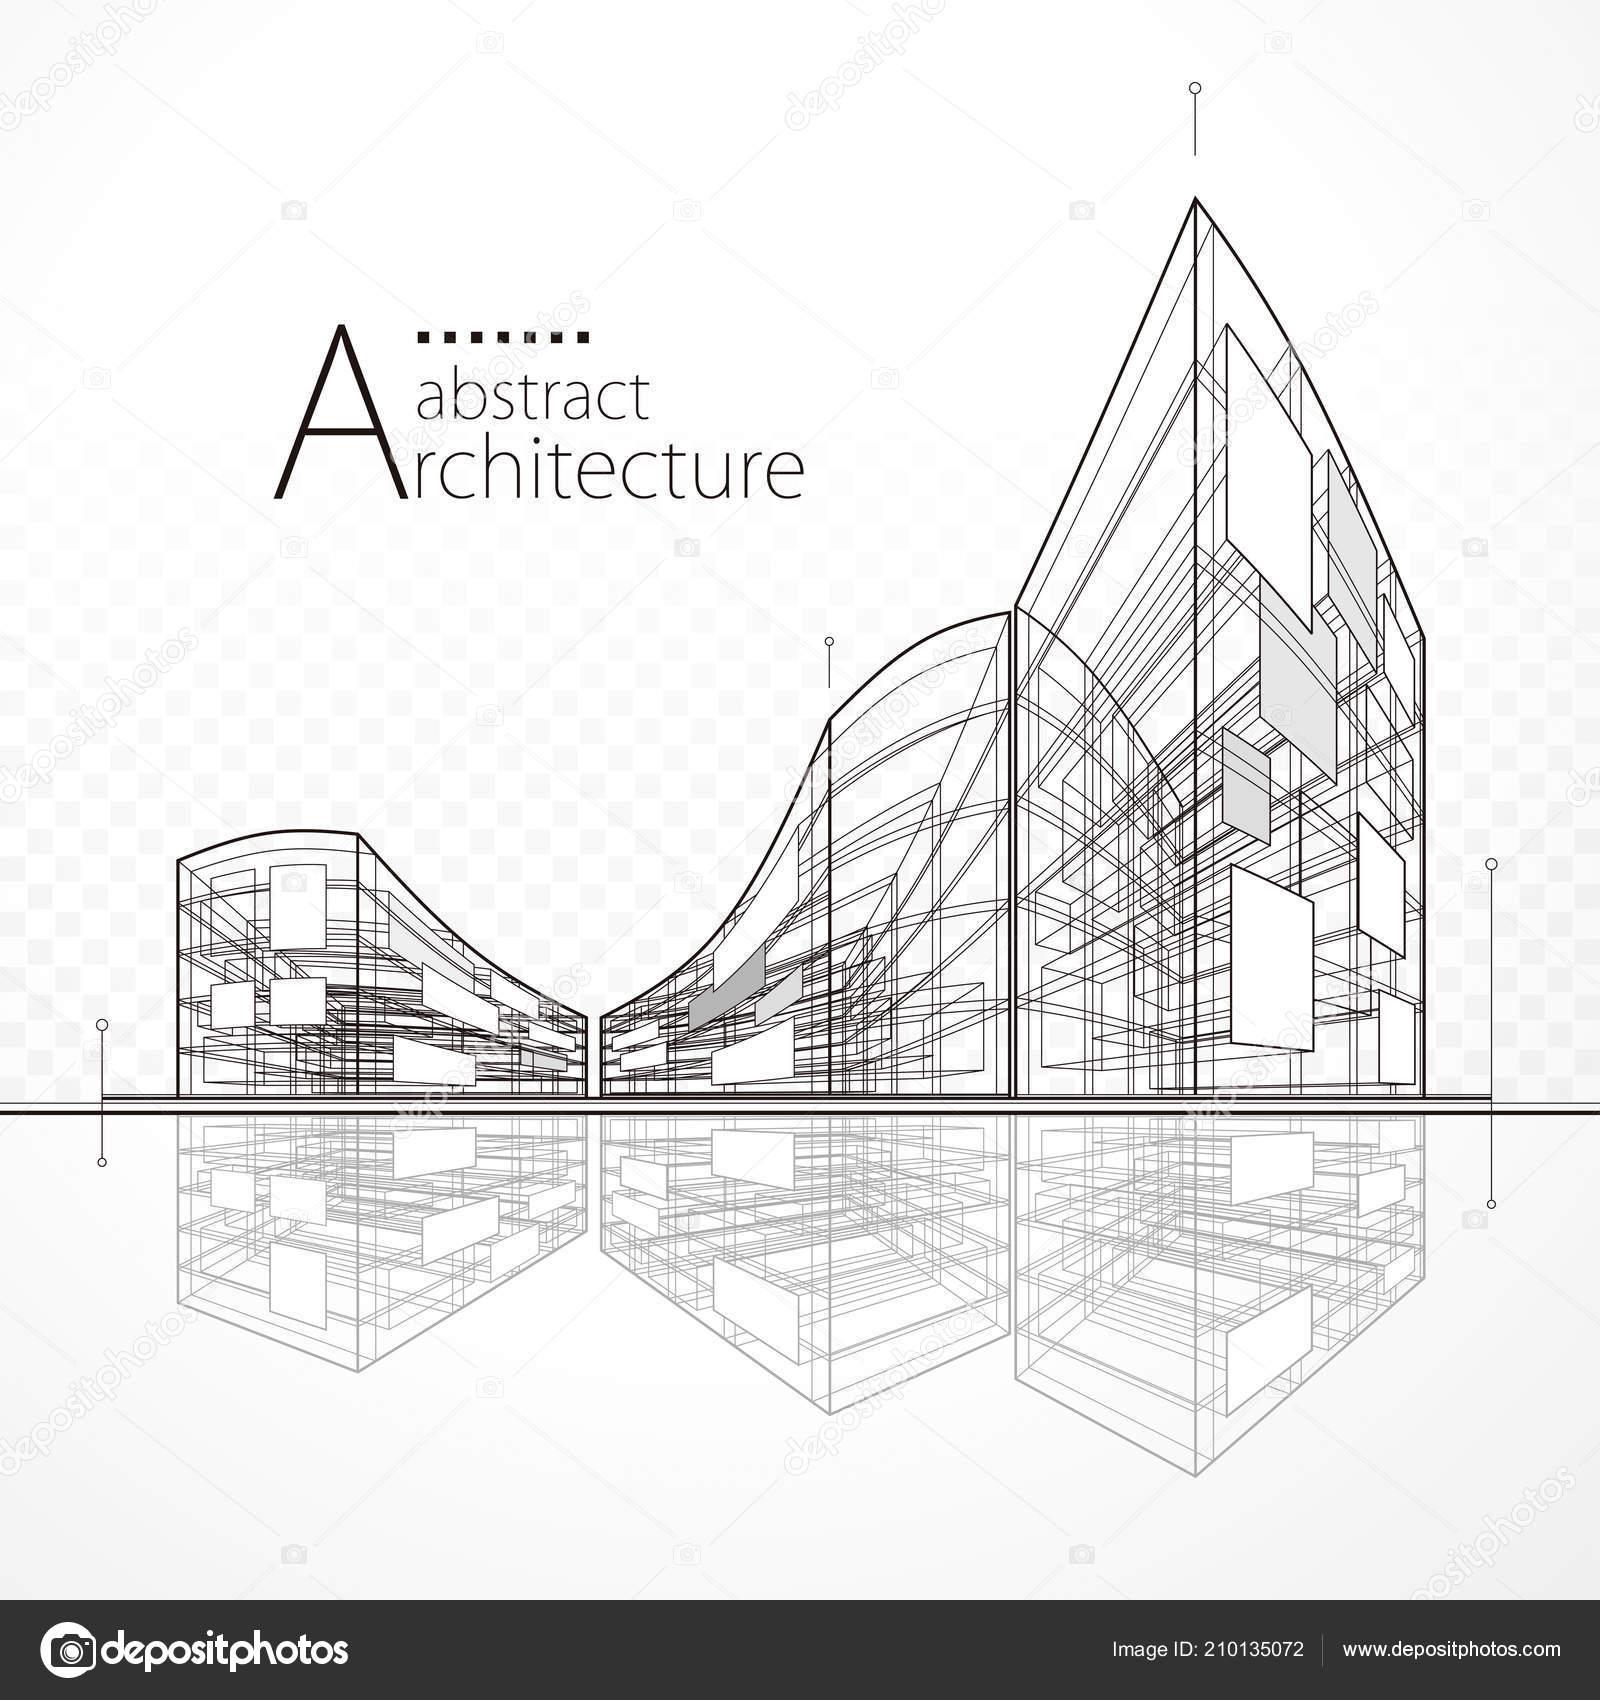 Architektur Perspektive Abstrakte Moderne Städtebauliche Hintergrund